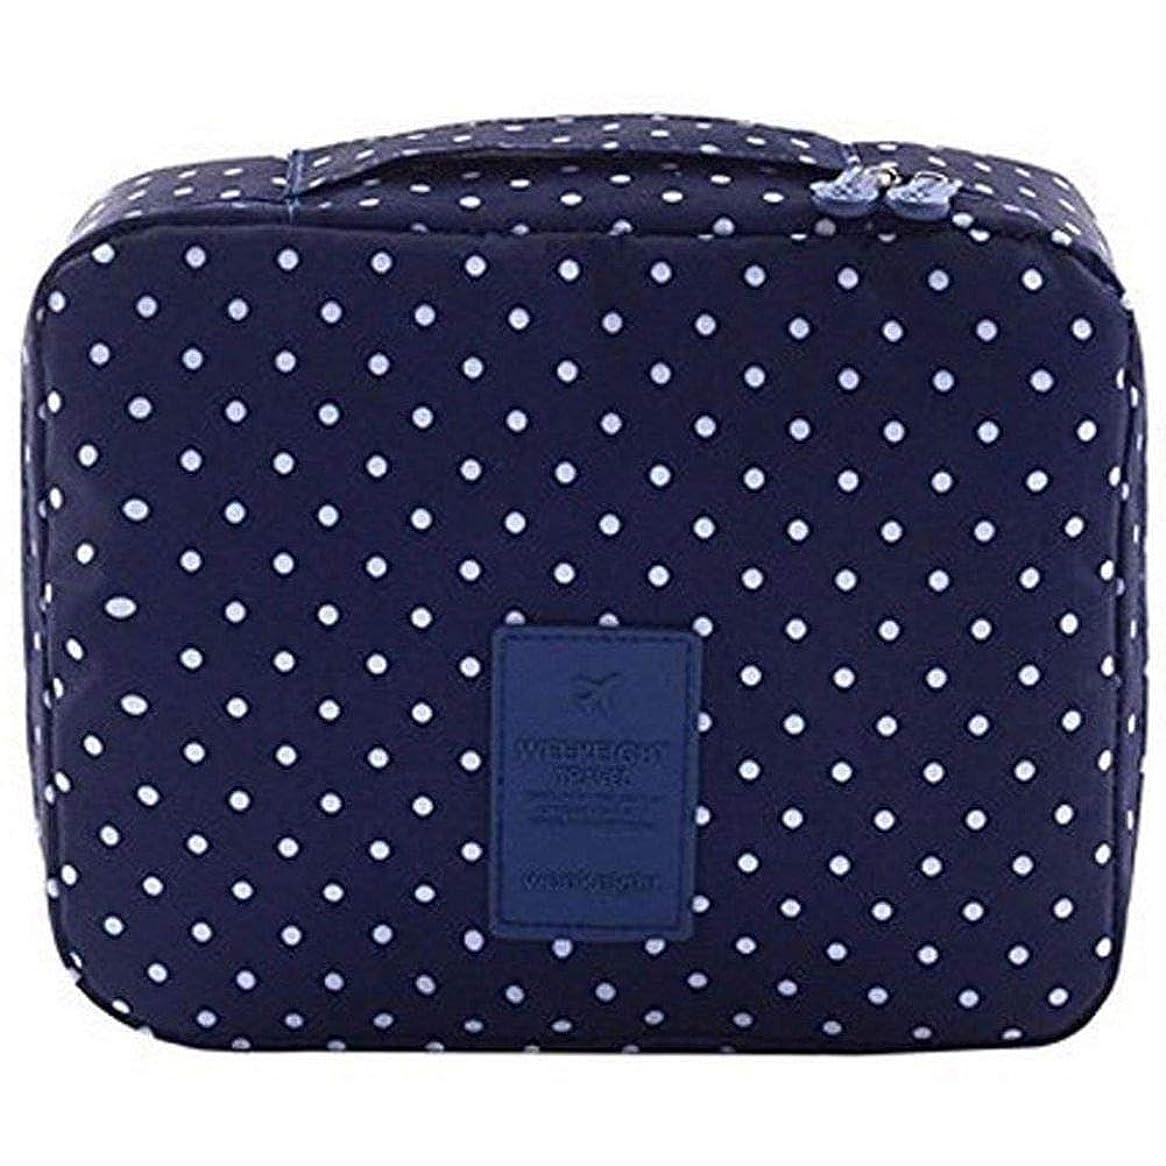 苛性州凍ったSemoic 旅行化粧品バッグ印刷多機能ポータブルトイレタリーバッグ化粧品メイクポーチ旅行用のケースオーガナイザー(海軍サークル)